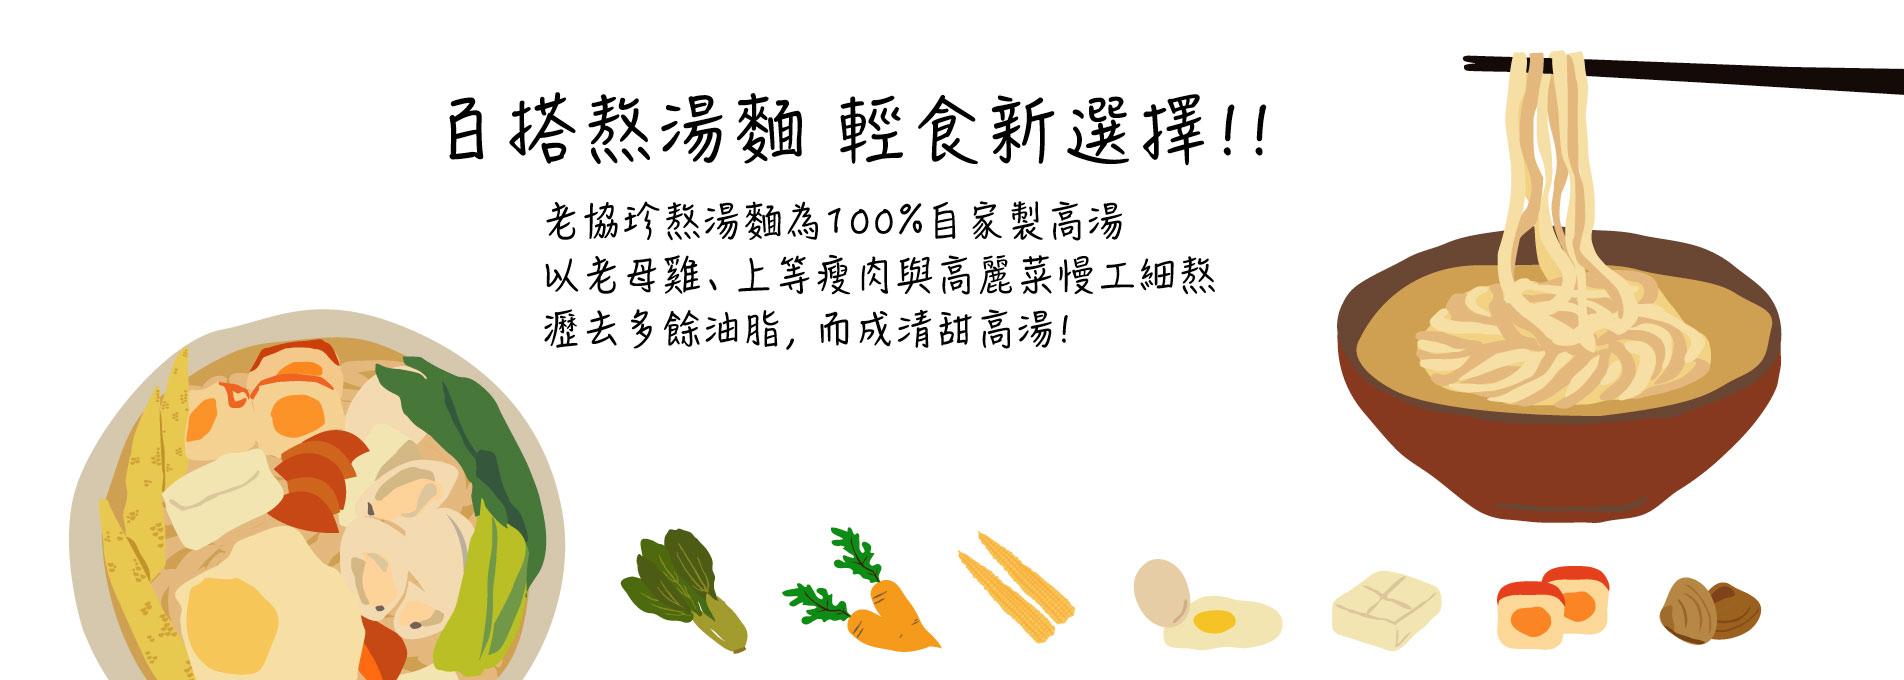 熬湯麵(18人份)_箱裝